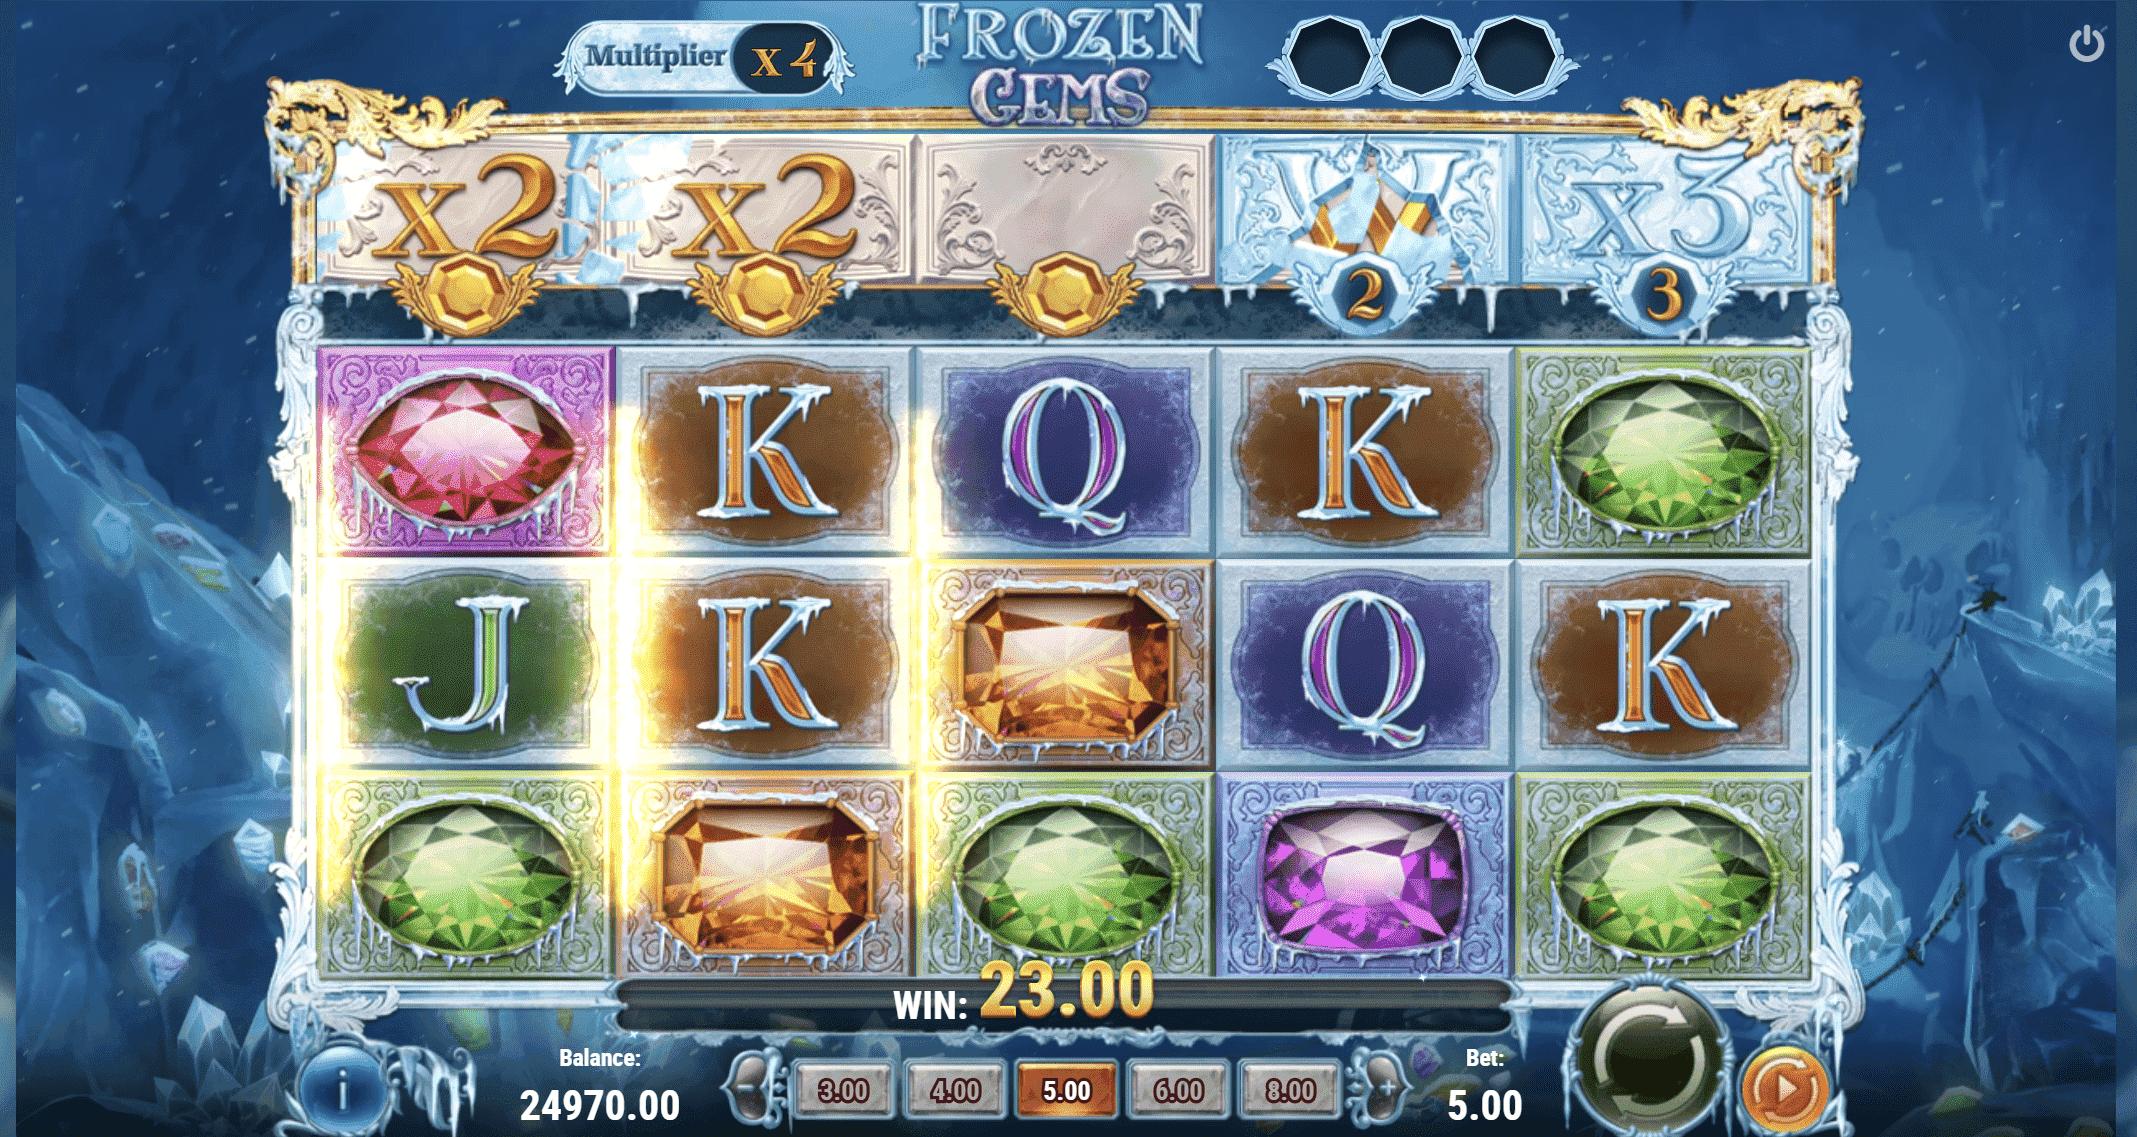 Frozen Gems Basegame